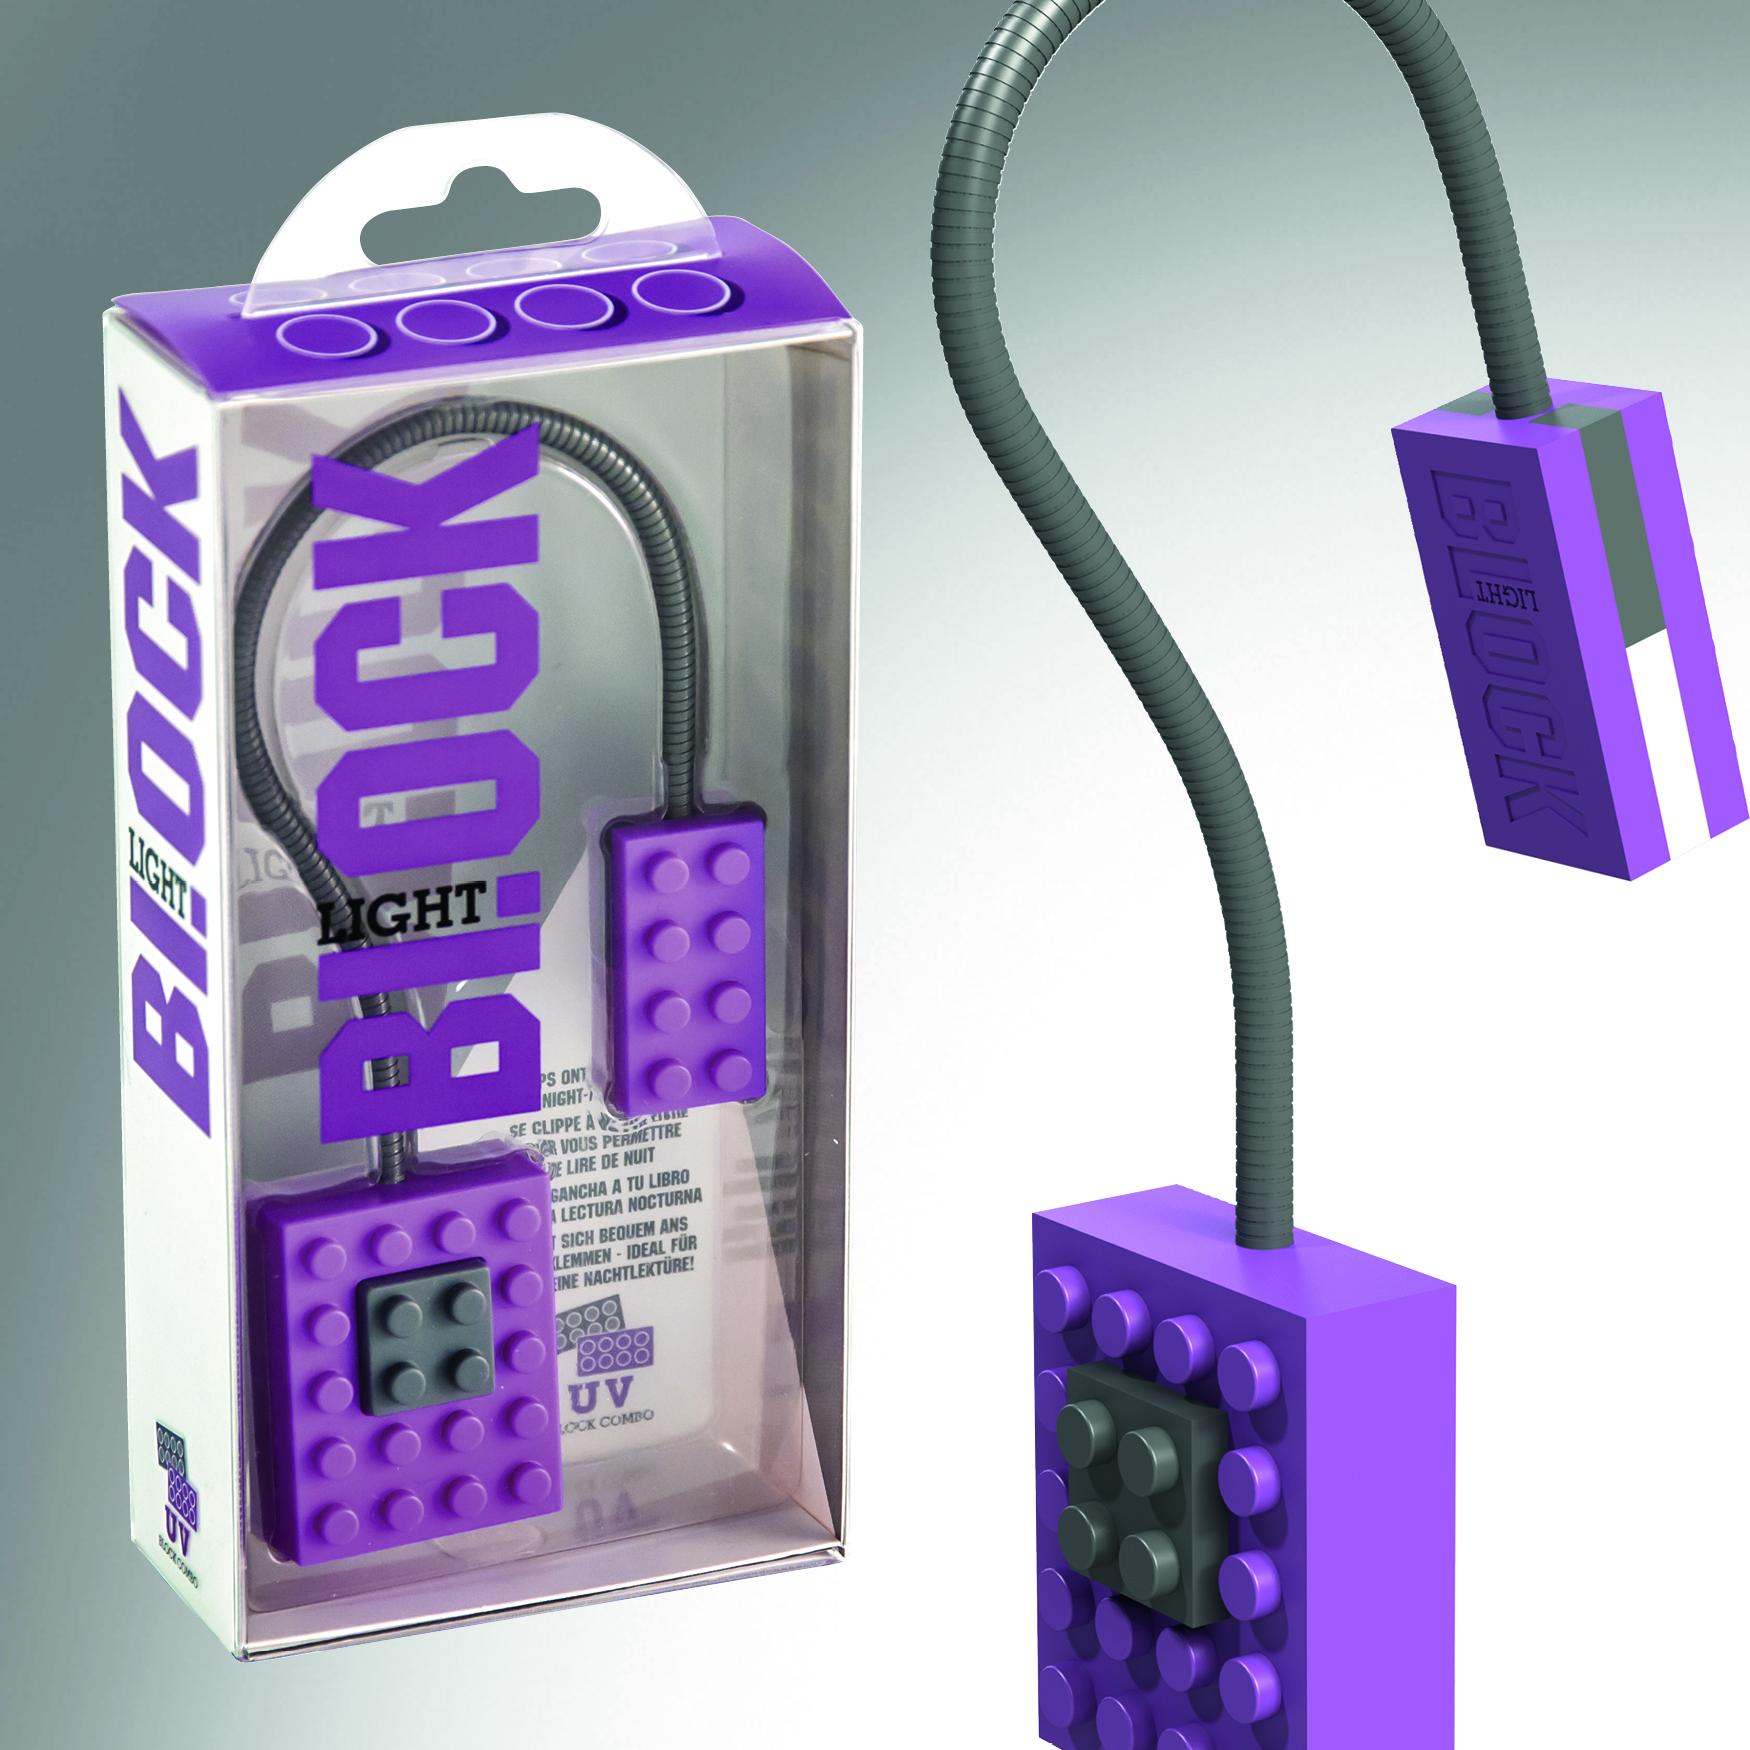 the block light